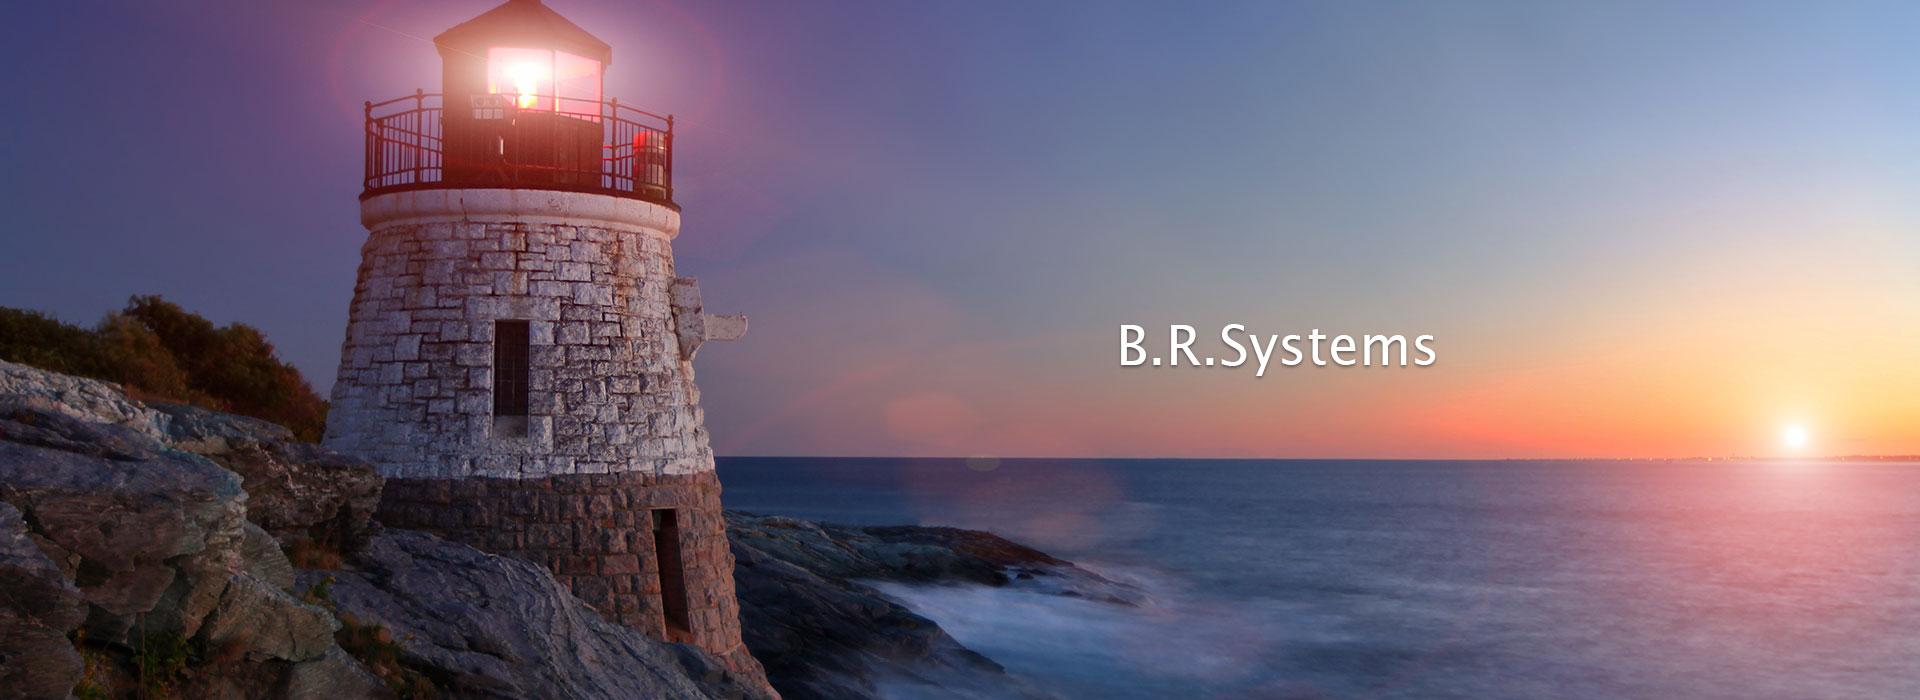 B.R.Systems